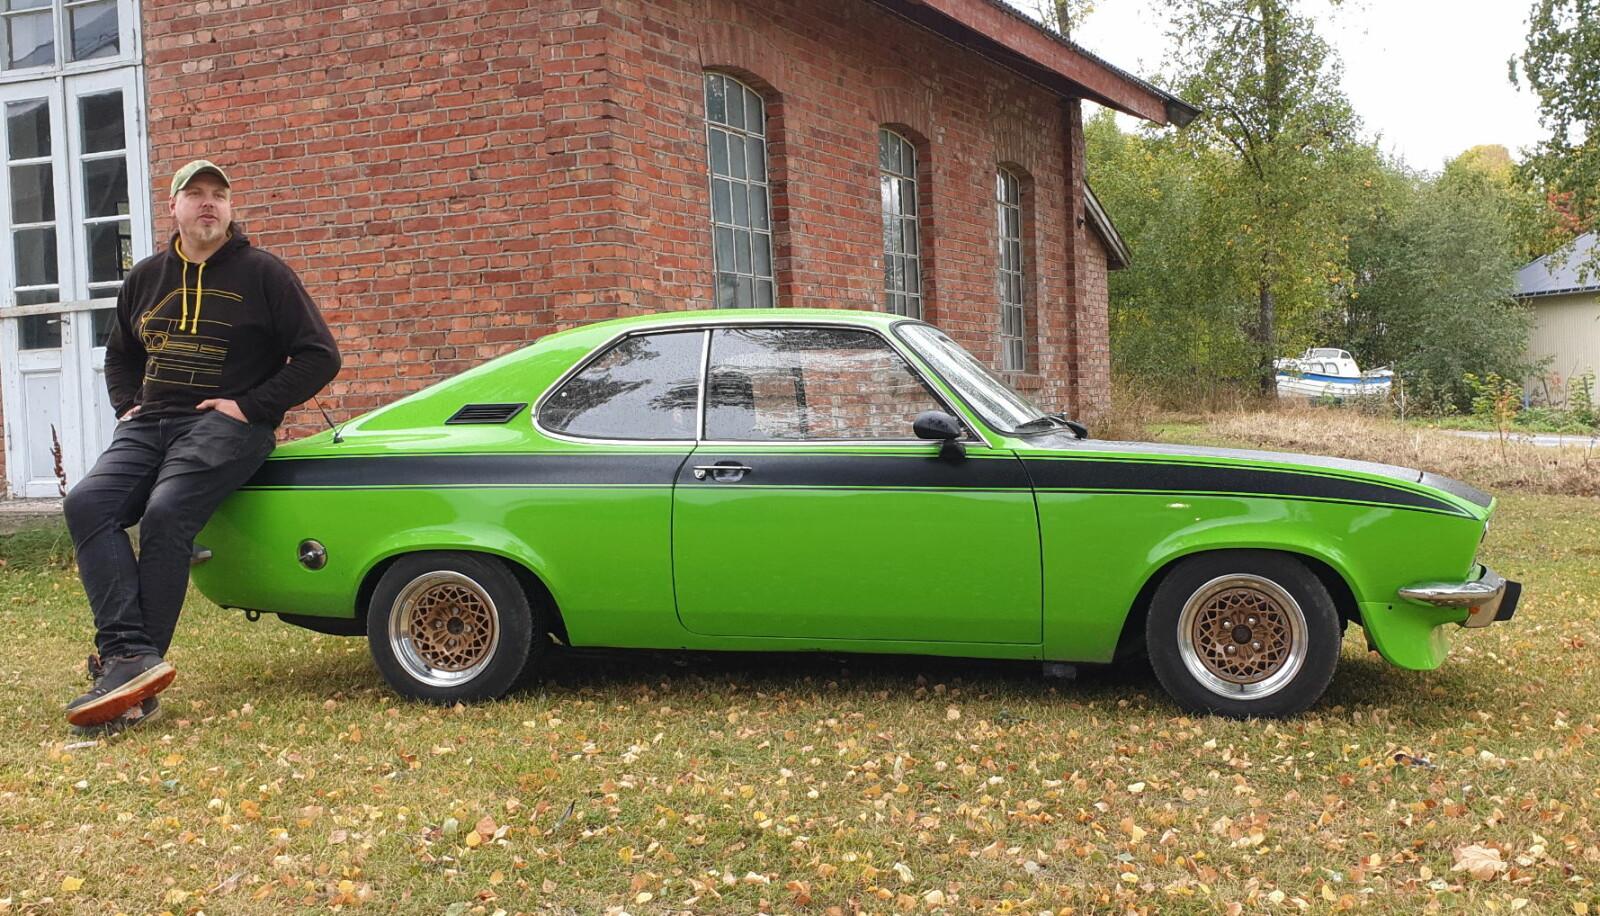 <b>SJEKK FARGEKODEN:</b> Bjørne Harry Olsen gjør hjemstedet Toten tøffere med Opel Manta, som bare er én av omlag et dusin biler han har på tomta, som er produsert hos den tyske fabrikken i Rüsselsheim.